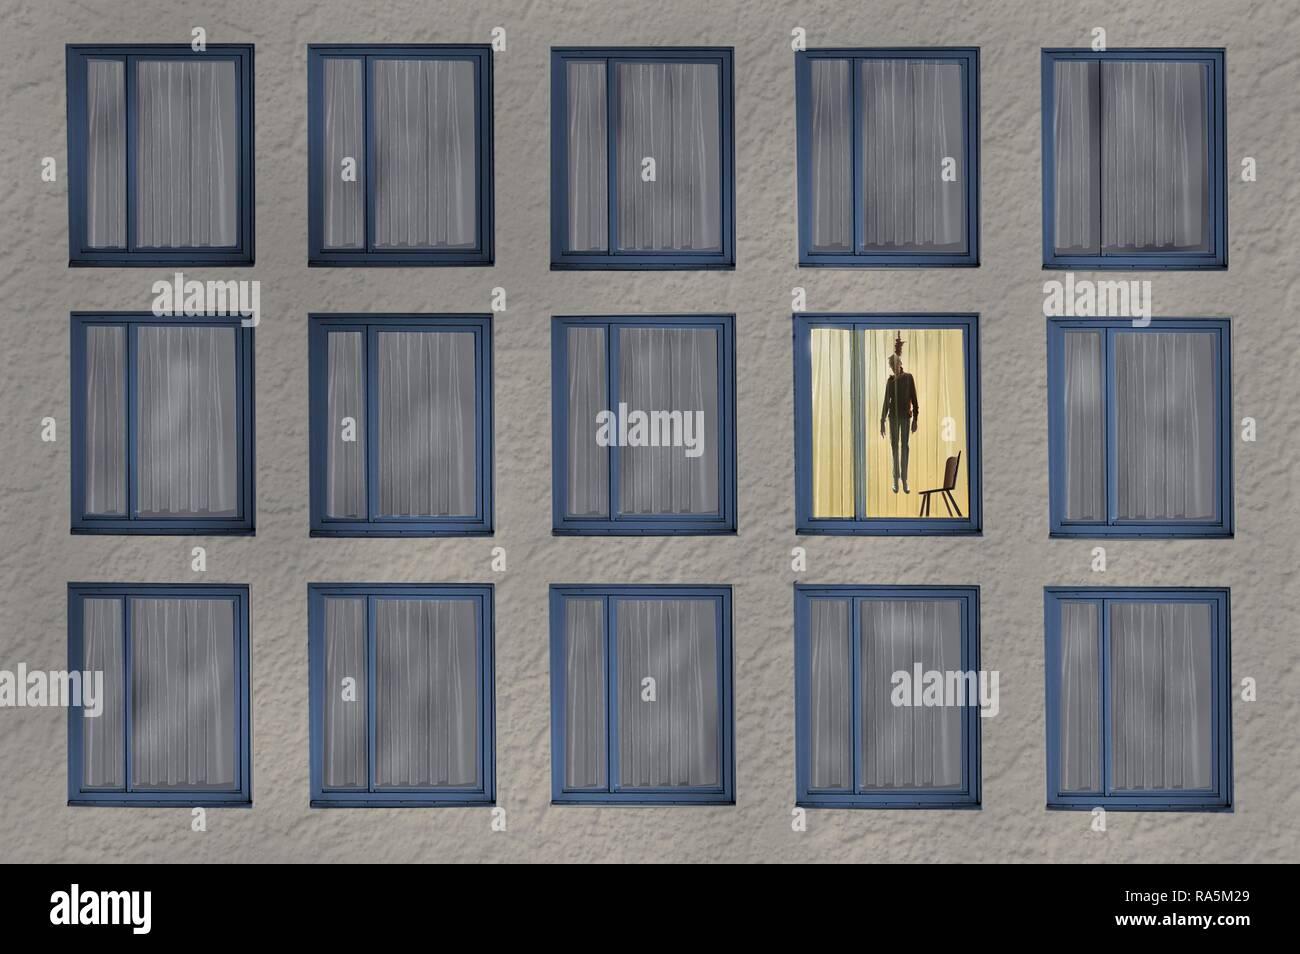 Digital erzeugten Symbol Bild für Einsamkeit, Selbstmord in einem Mehrfamilienhaus, Deutschland Stockbild